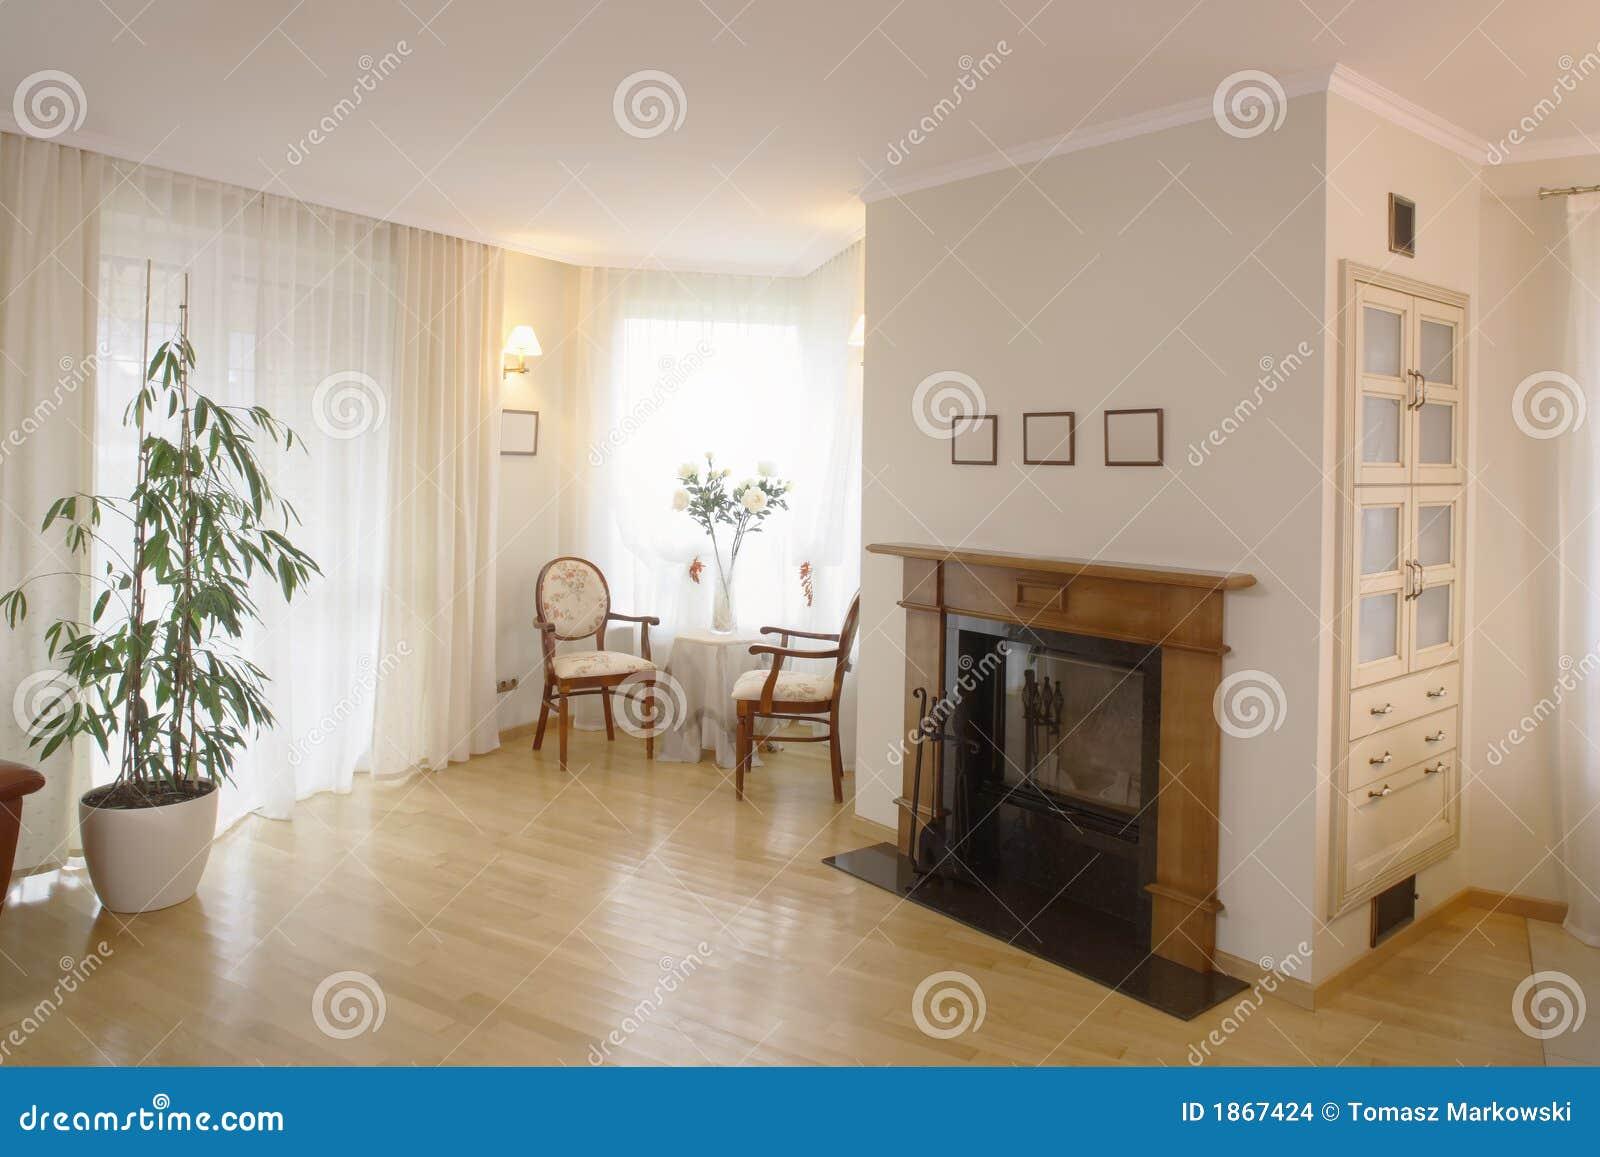 klassieke woonkamer stock afbeeldingen afbeelding 1867424